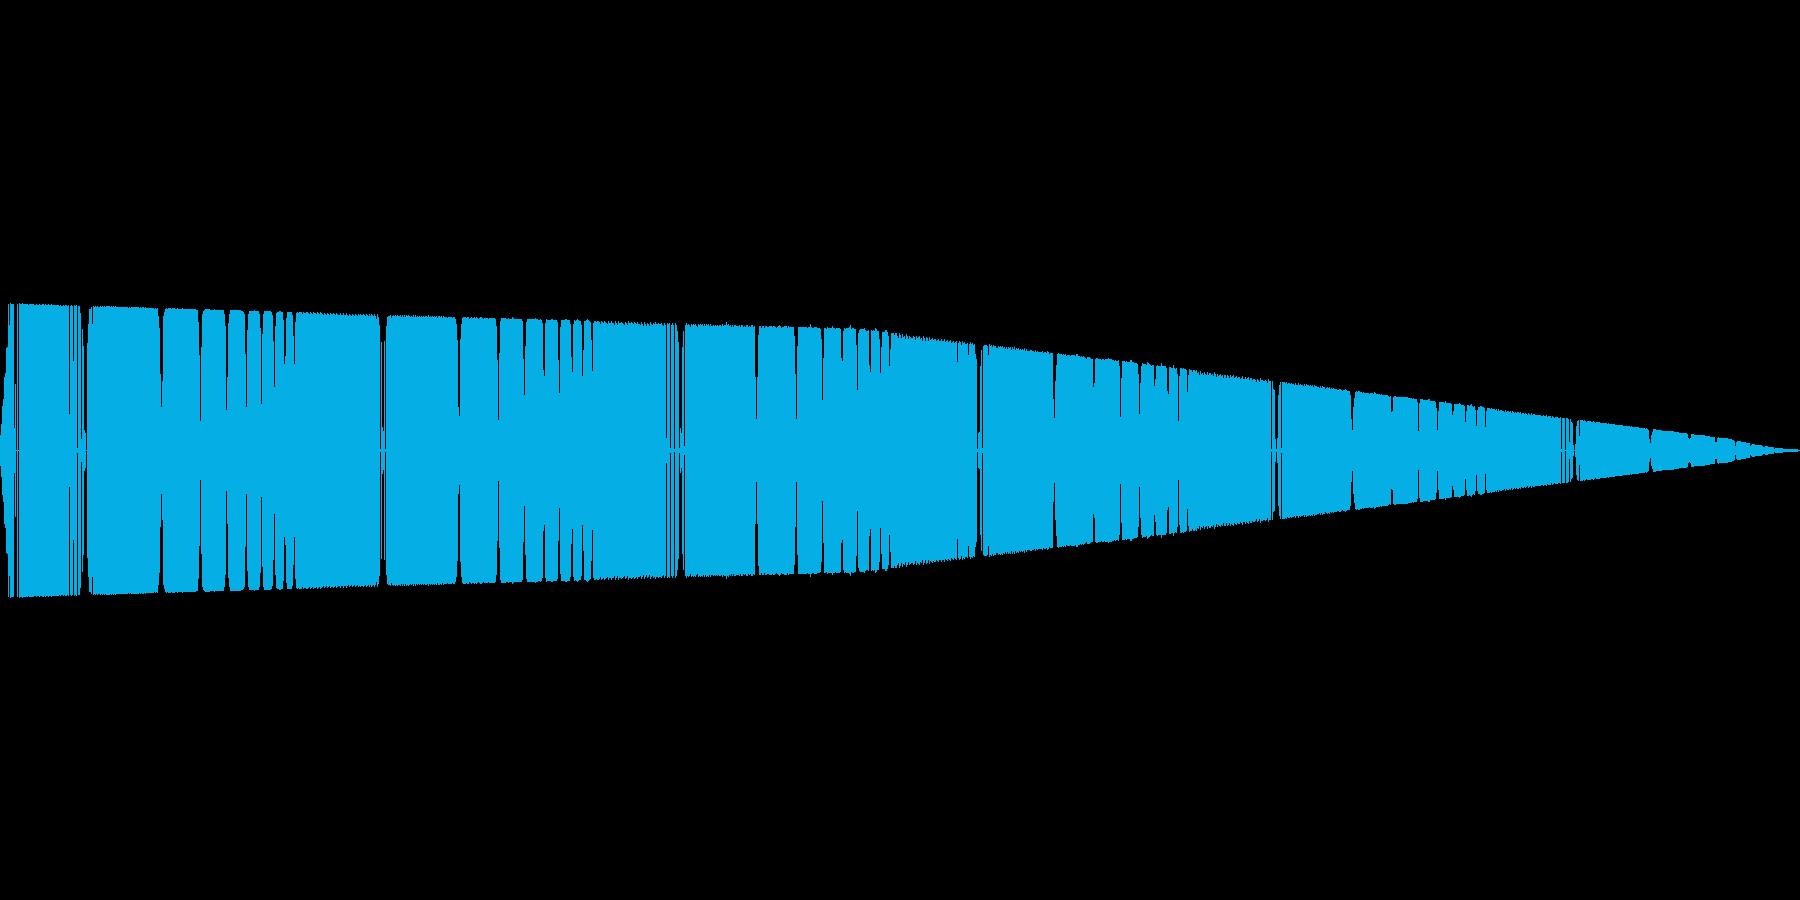 ピーピー(ピコピコ/警告/アラームの再生済みの波形